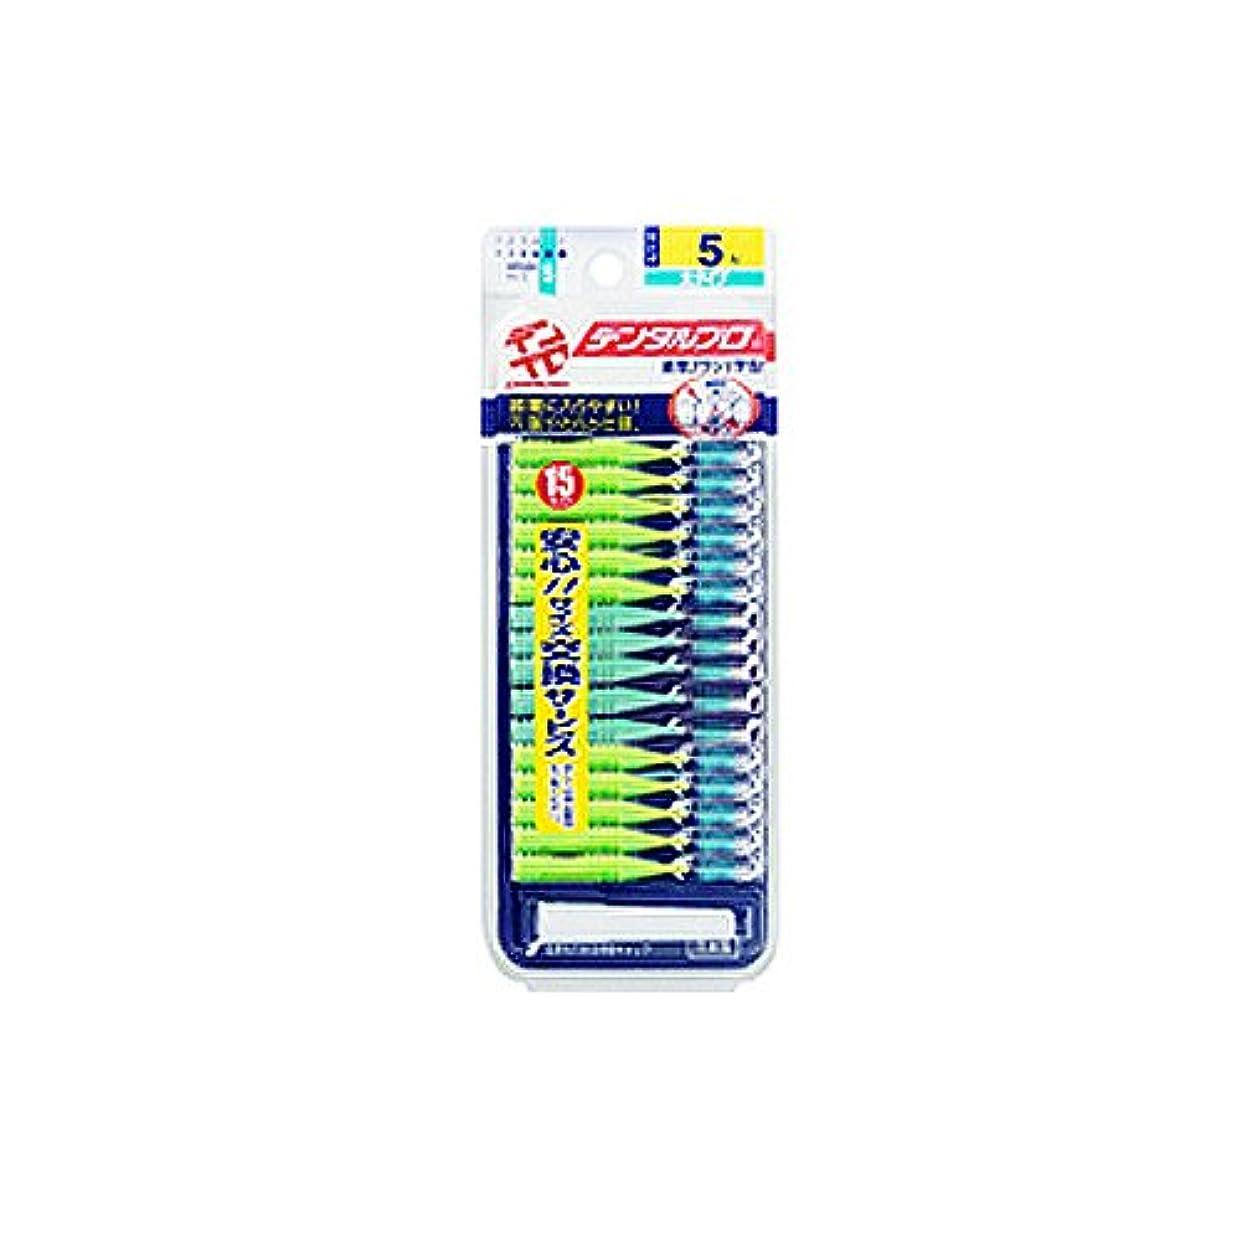 祖先ファックス重要なデンタルプロ 歯間ブラシ I字型 15本入り サイズ5(L)